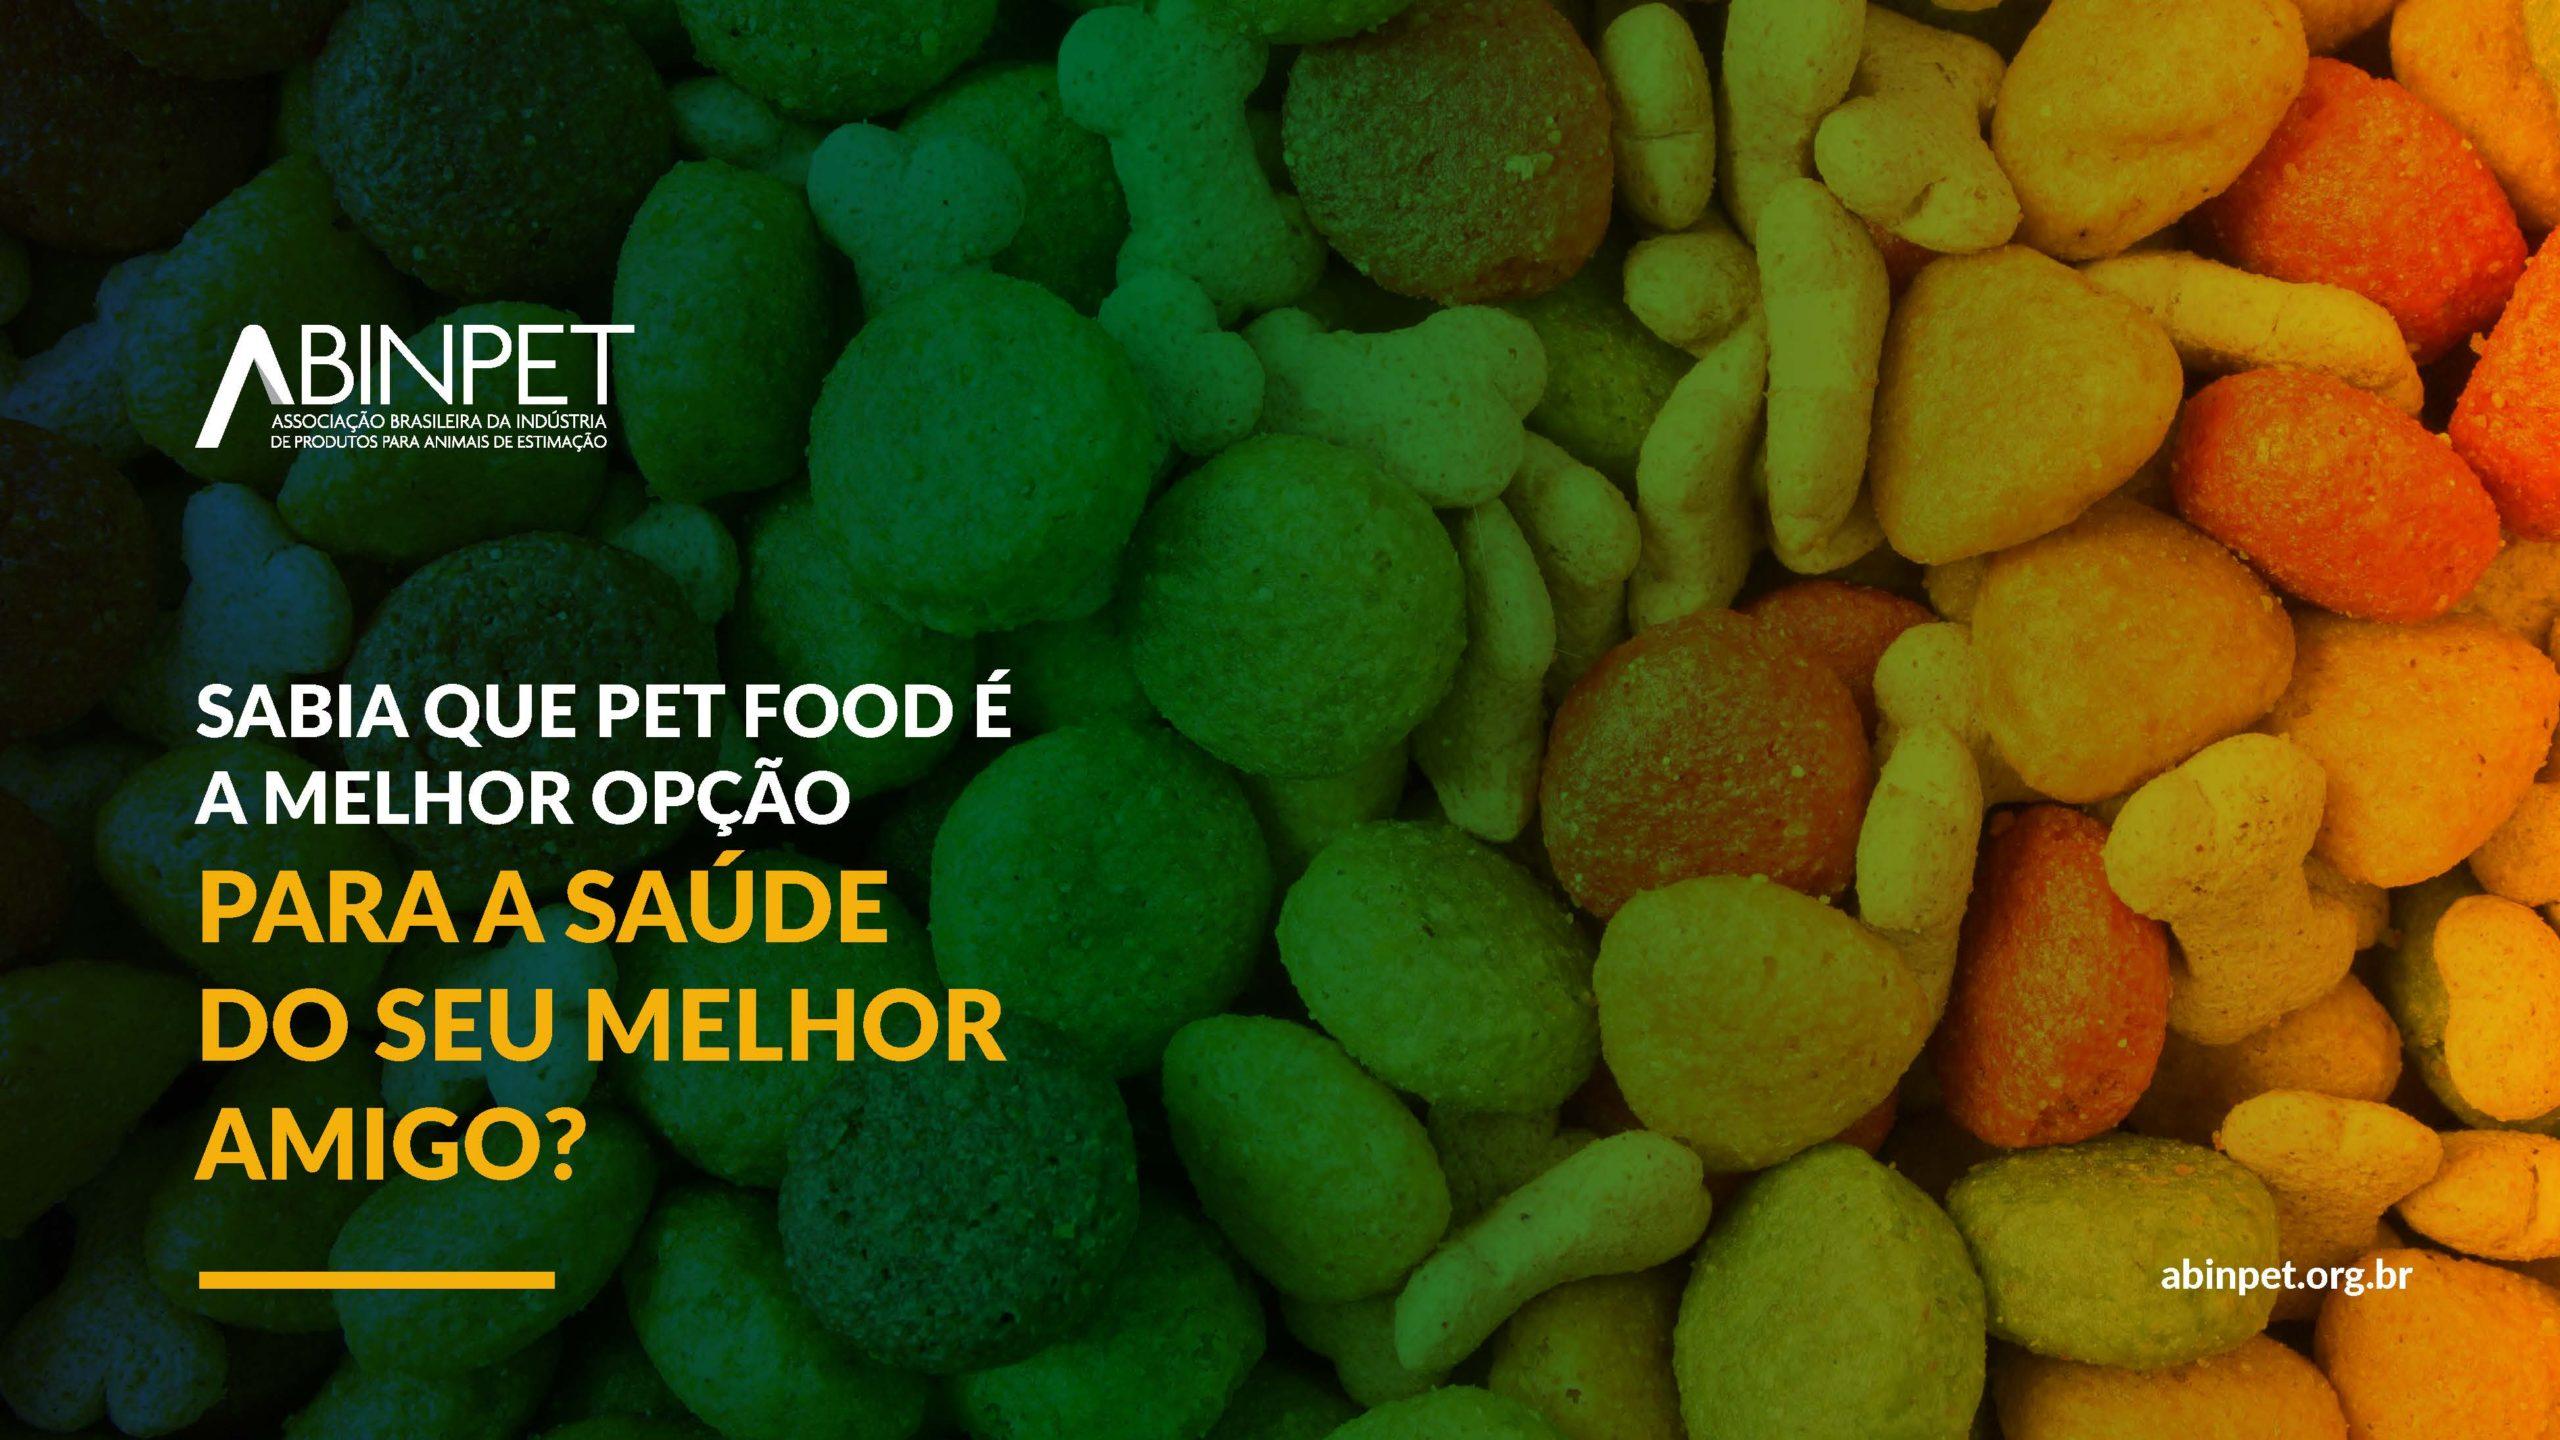 abinpet-apresentacao-alimentos_Página_01